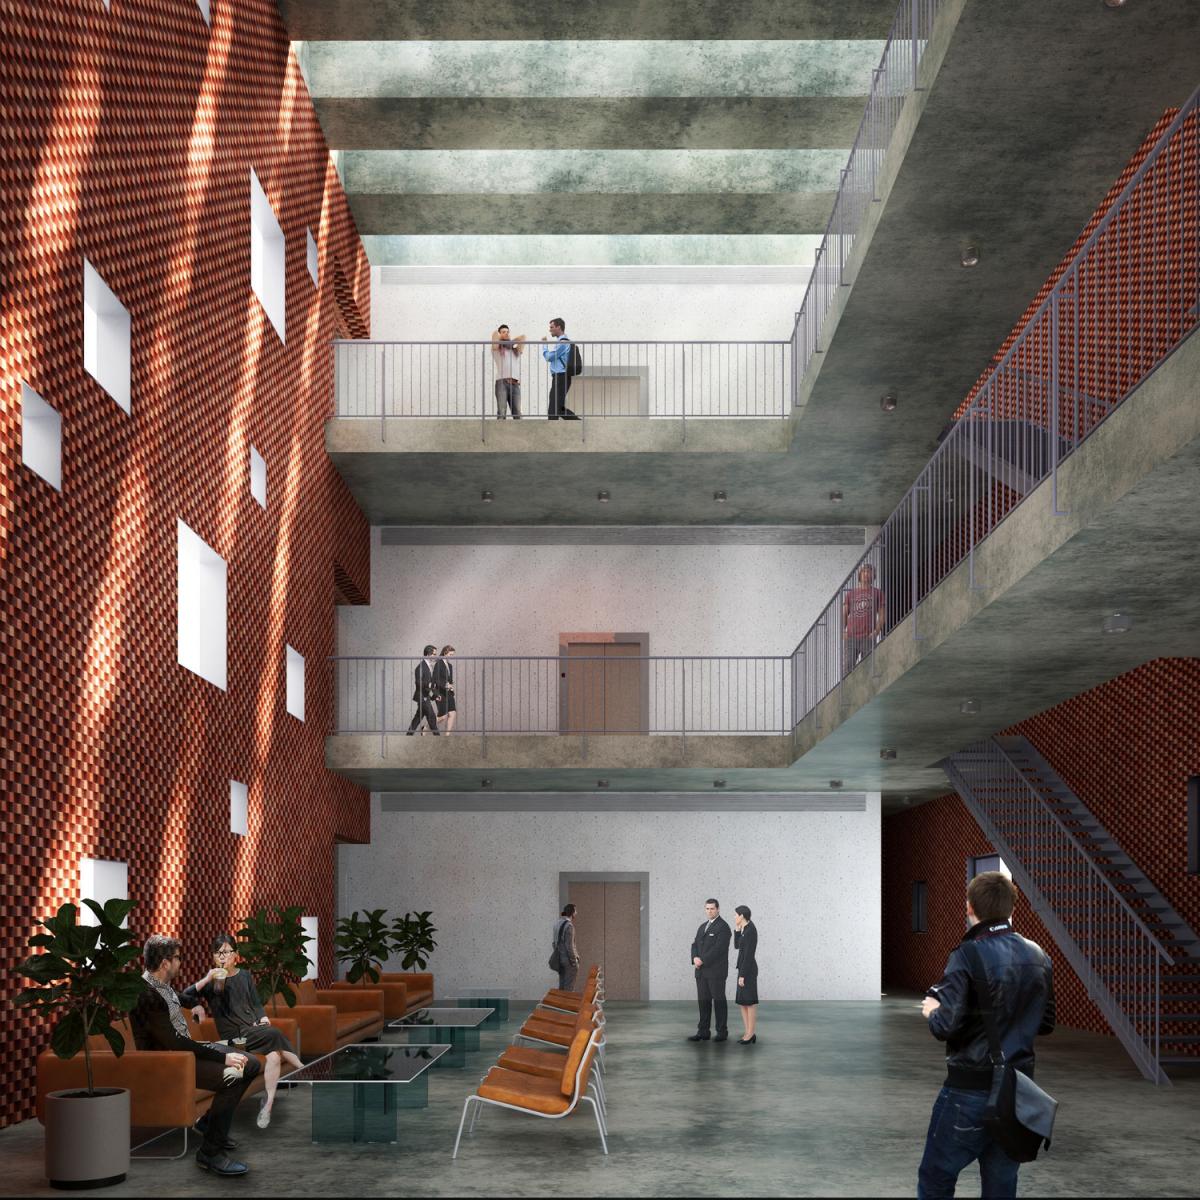 gạch nung làm chất liệu chính cho dự án kiến trúc